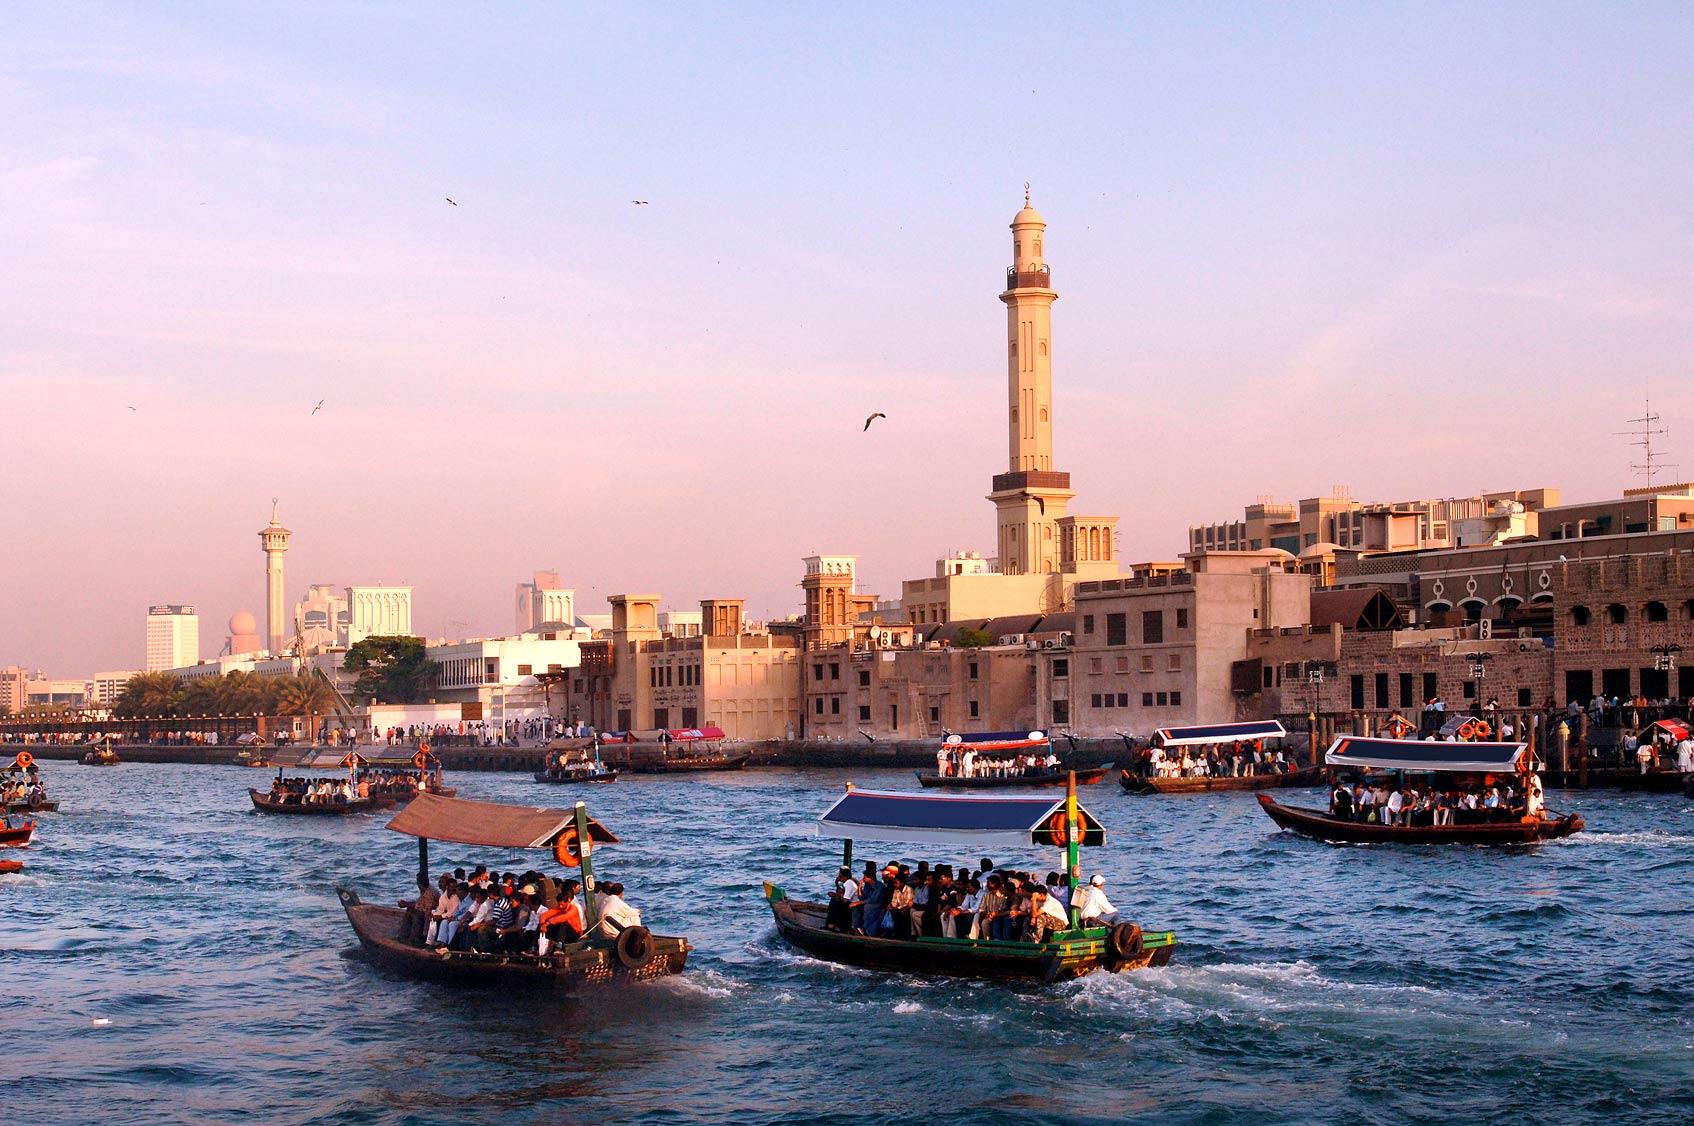 Дубаи бухта реки Крик